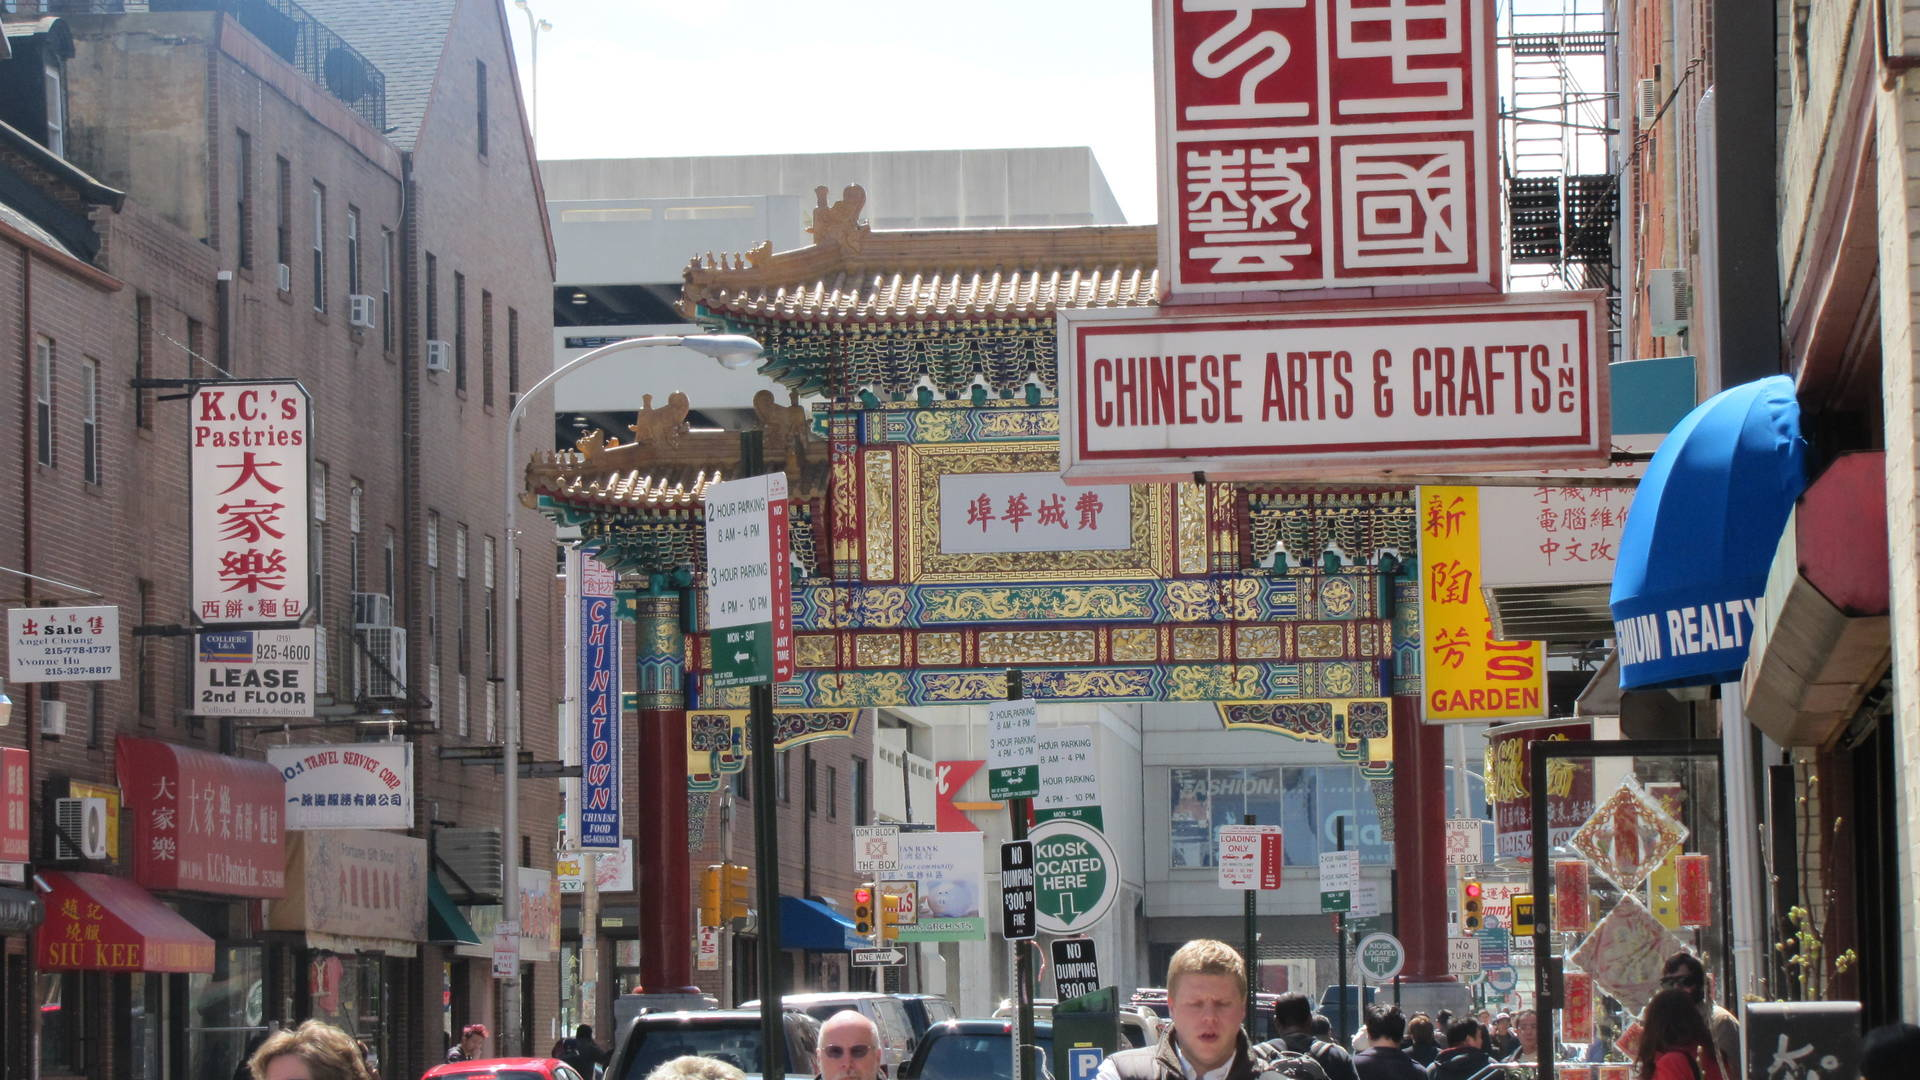 Philadelphia casino chinatown cities of gold casino in sante fe new mexico